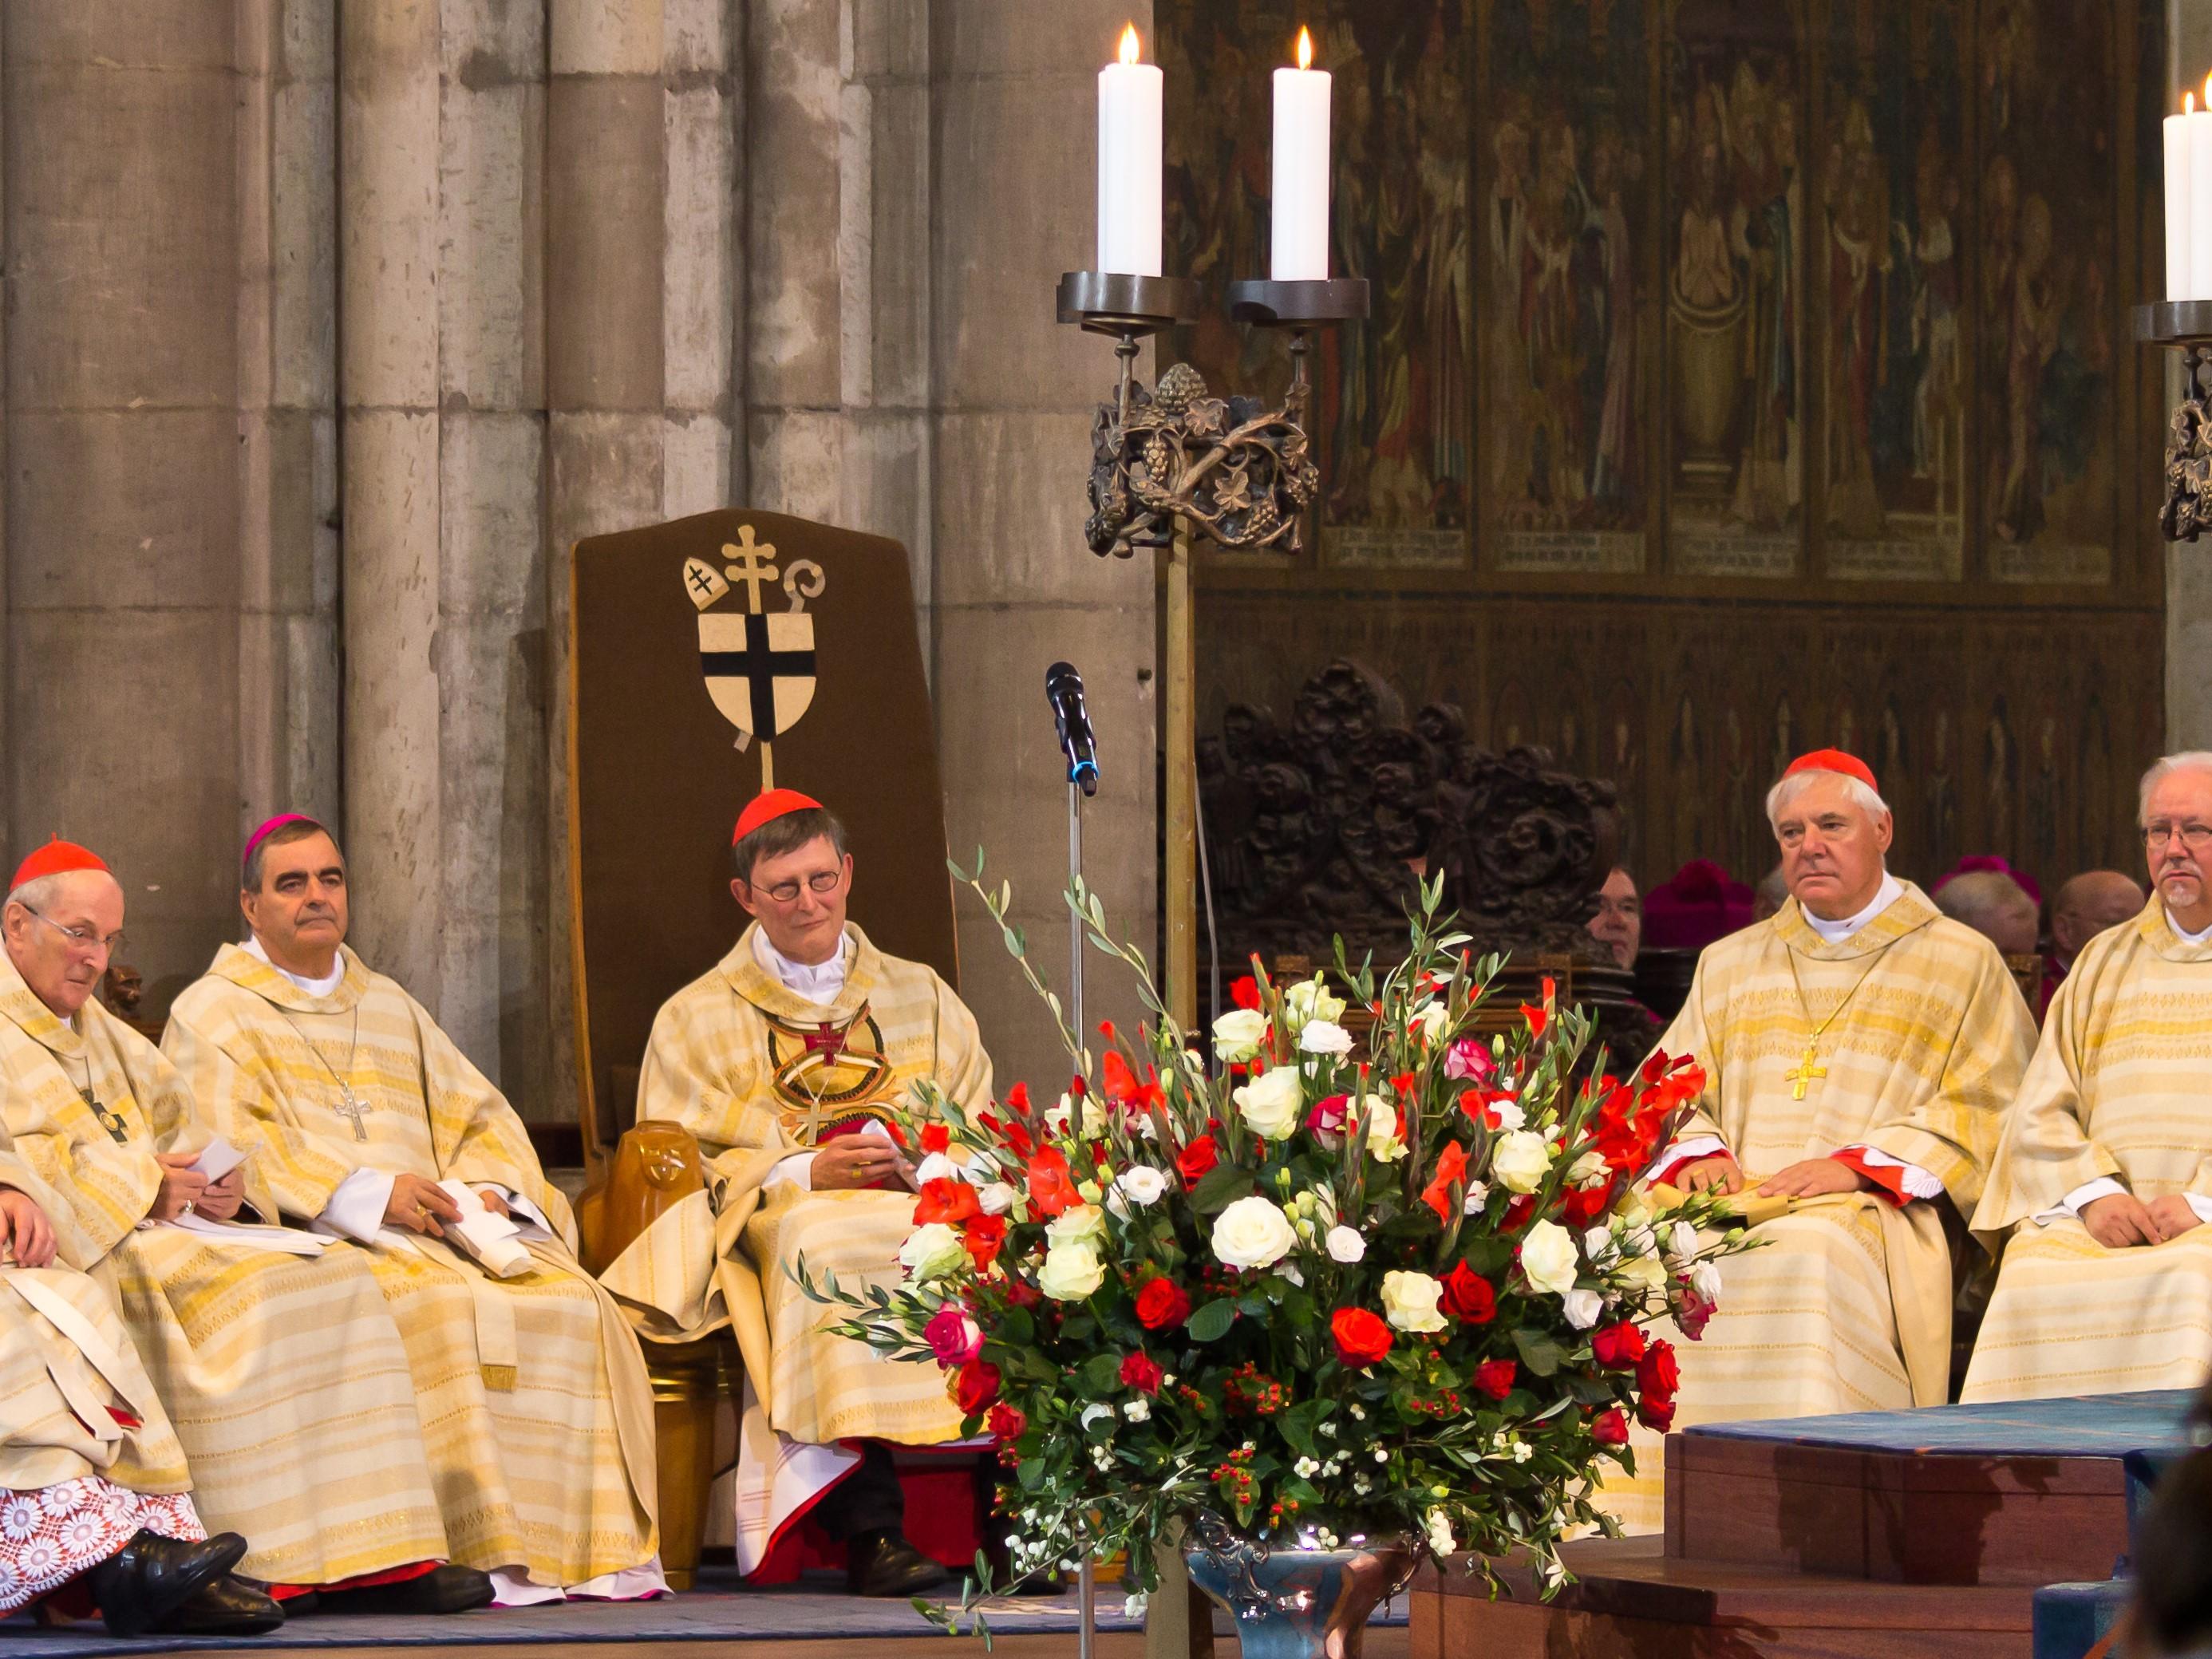 Ingres arcybiskupa Kolonii Rainera Marii Woelki w Katedrze w Kolonii. Fot. Raimond Spekking / na licencji CC